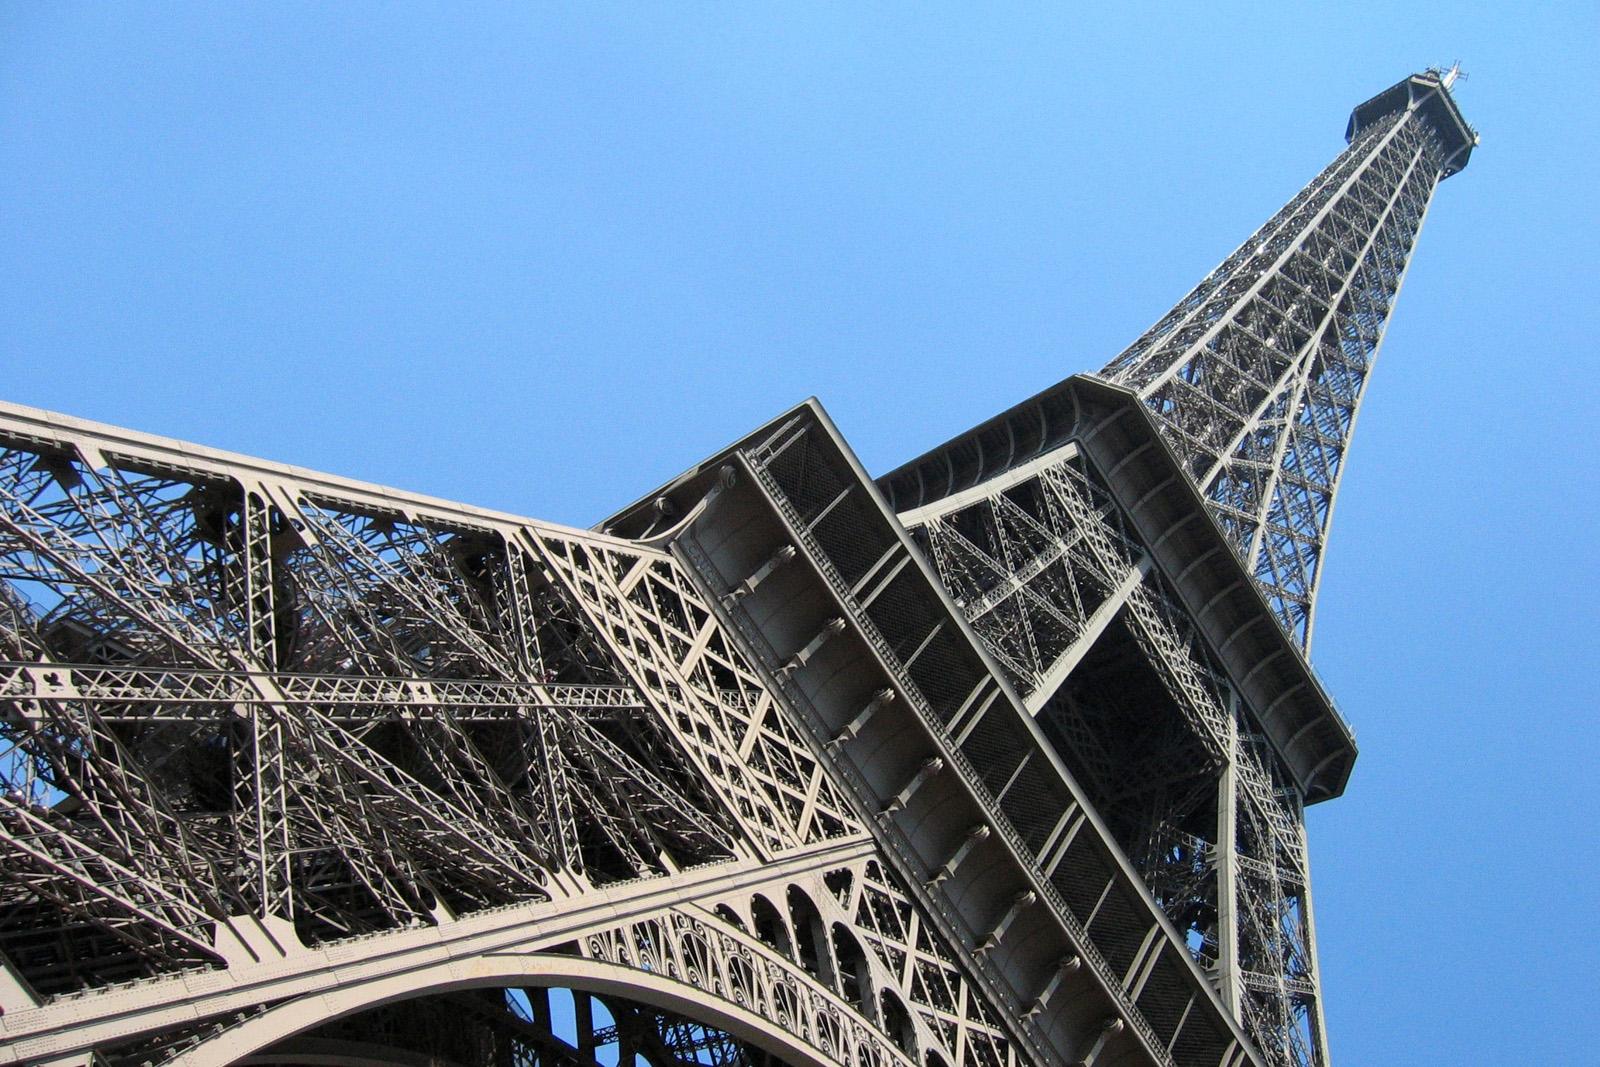 Behlül'ün odasındaki Eifel Kulesi resmini arıyorum